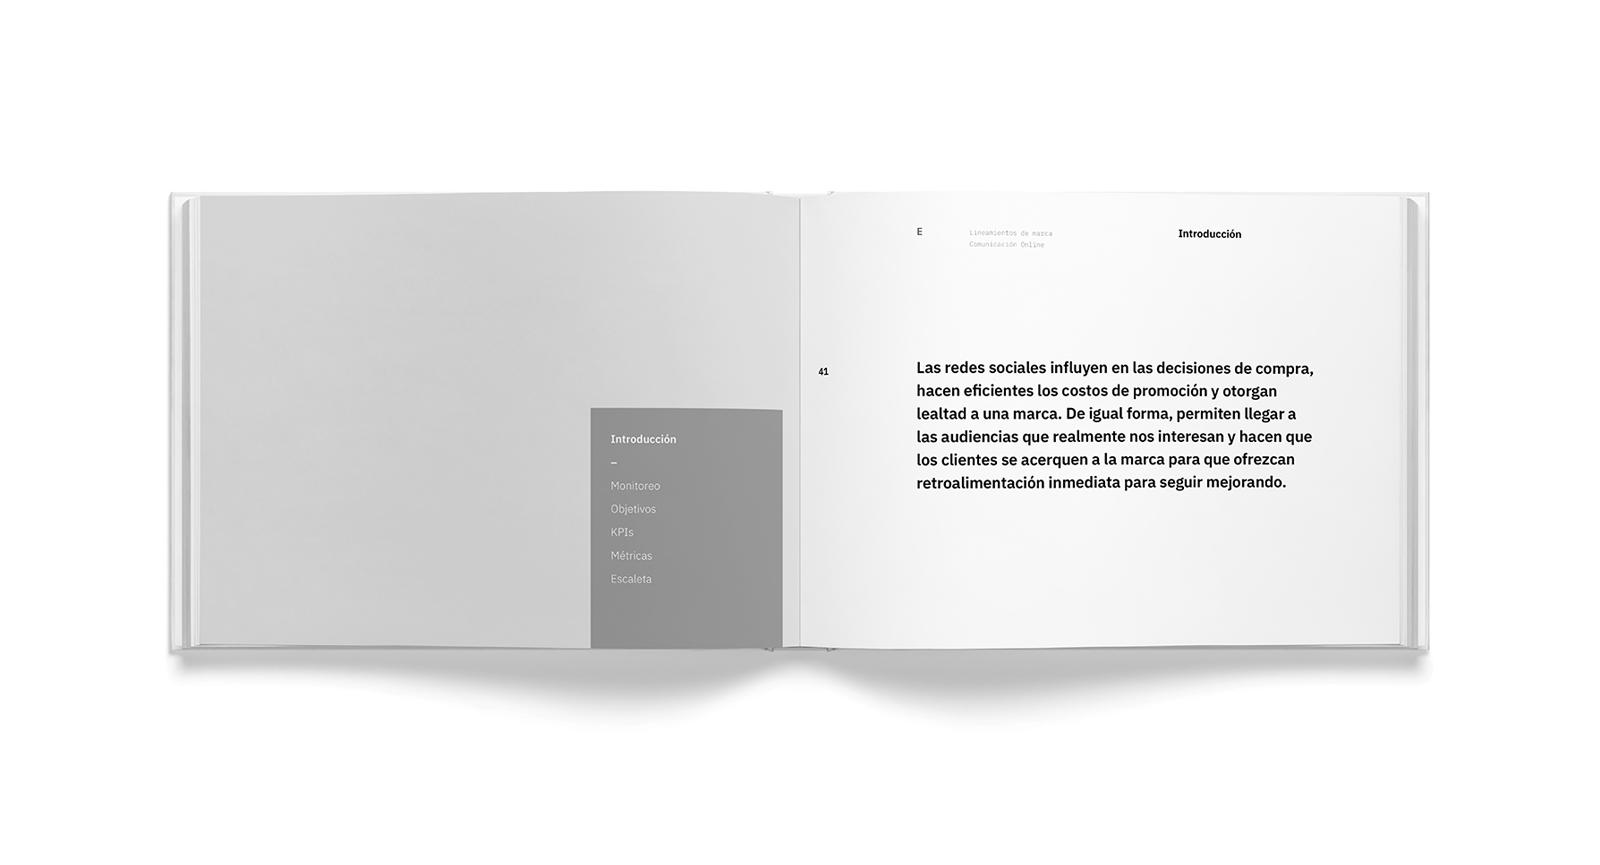 Muestra del diseño editorial del manual de identidad del desarrollo depertamental Blank, ubicado en la entrada de Lomas de Angelópolis I, en Puebla, México.